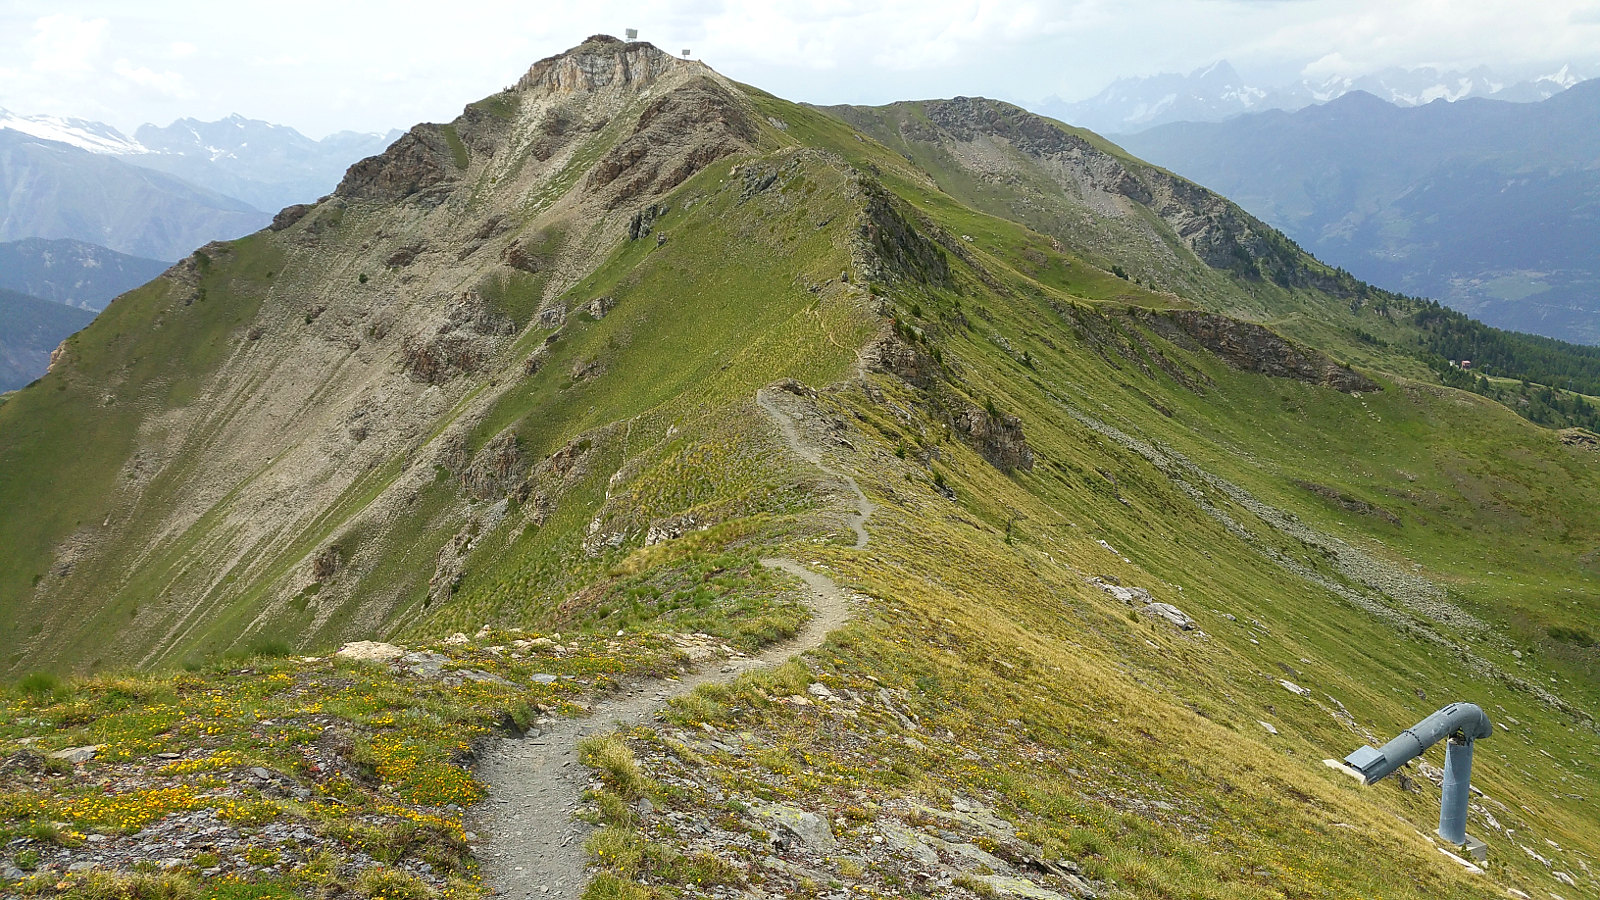 auf dem Kamm entlang zum nächsten Trail